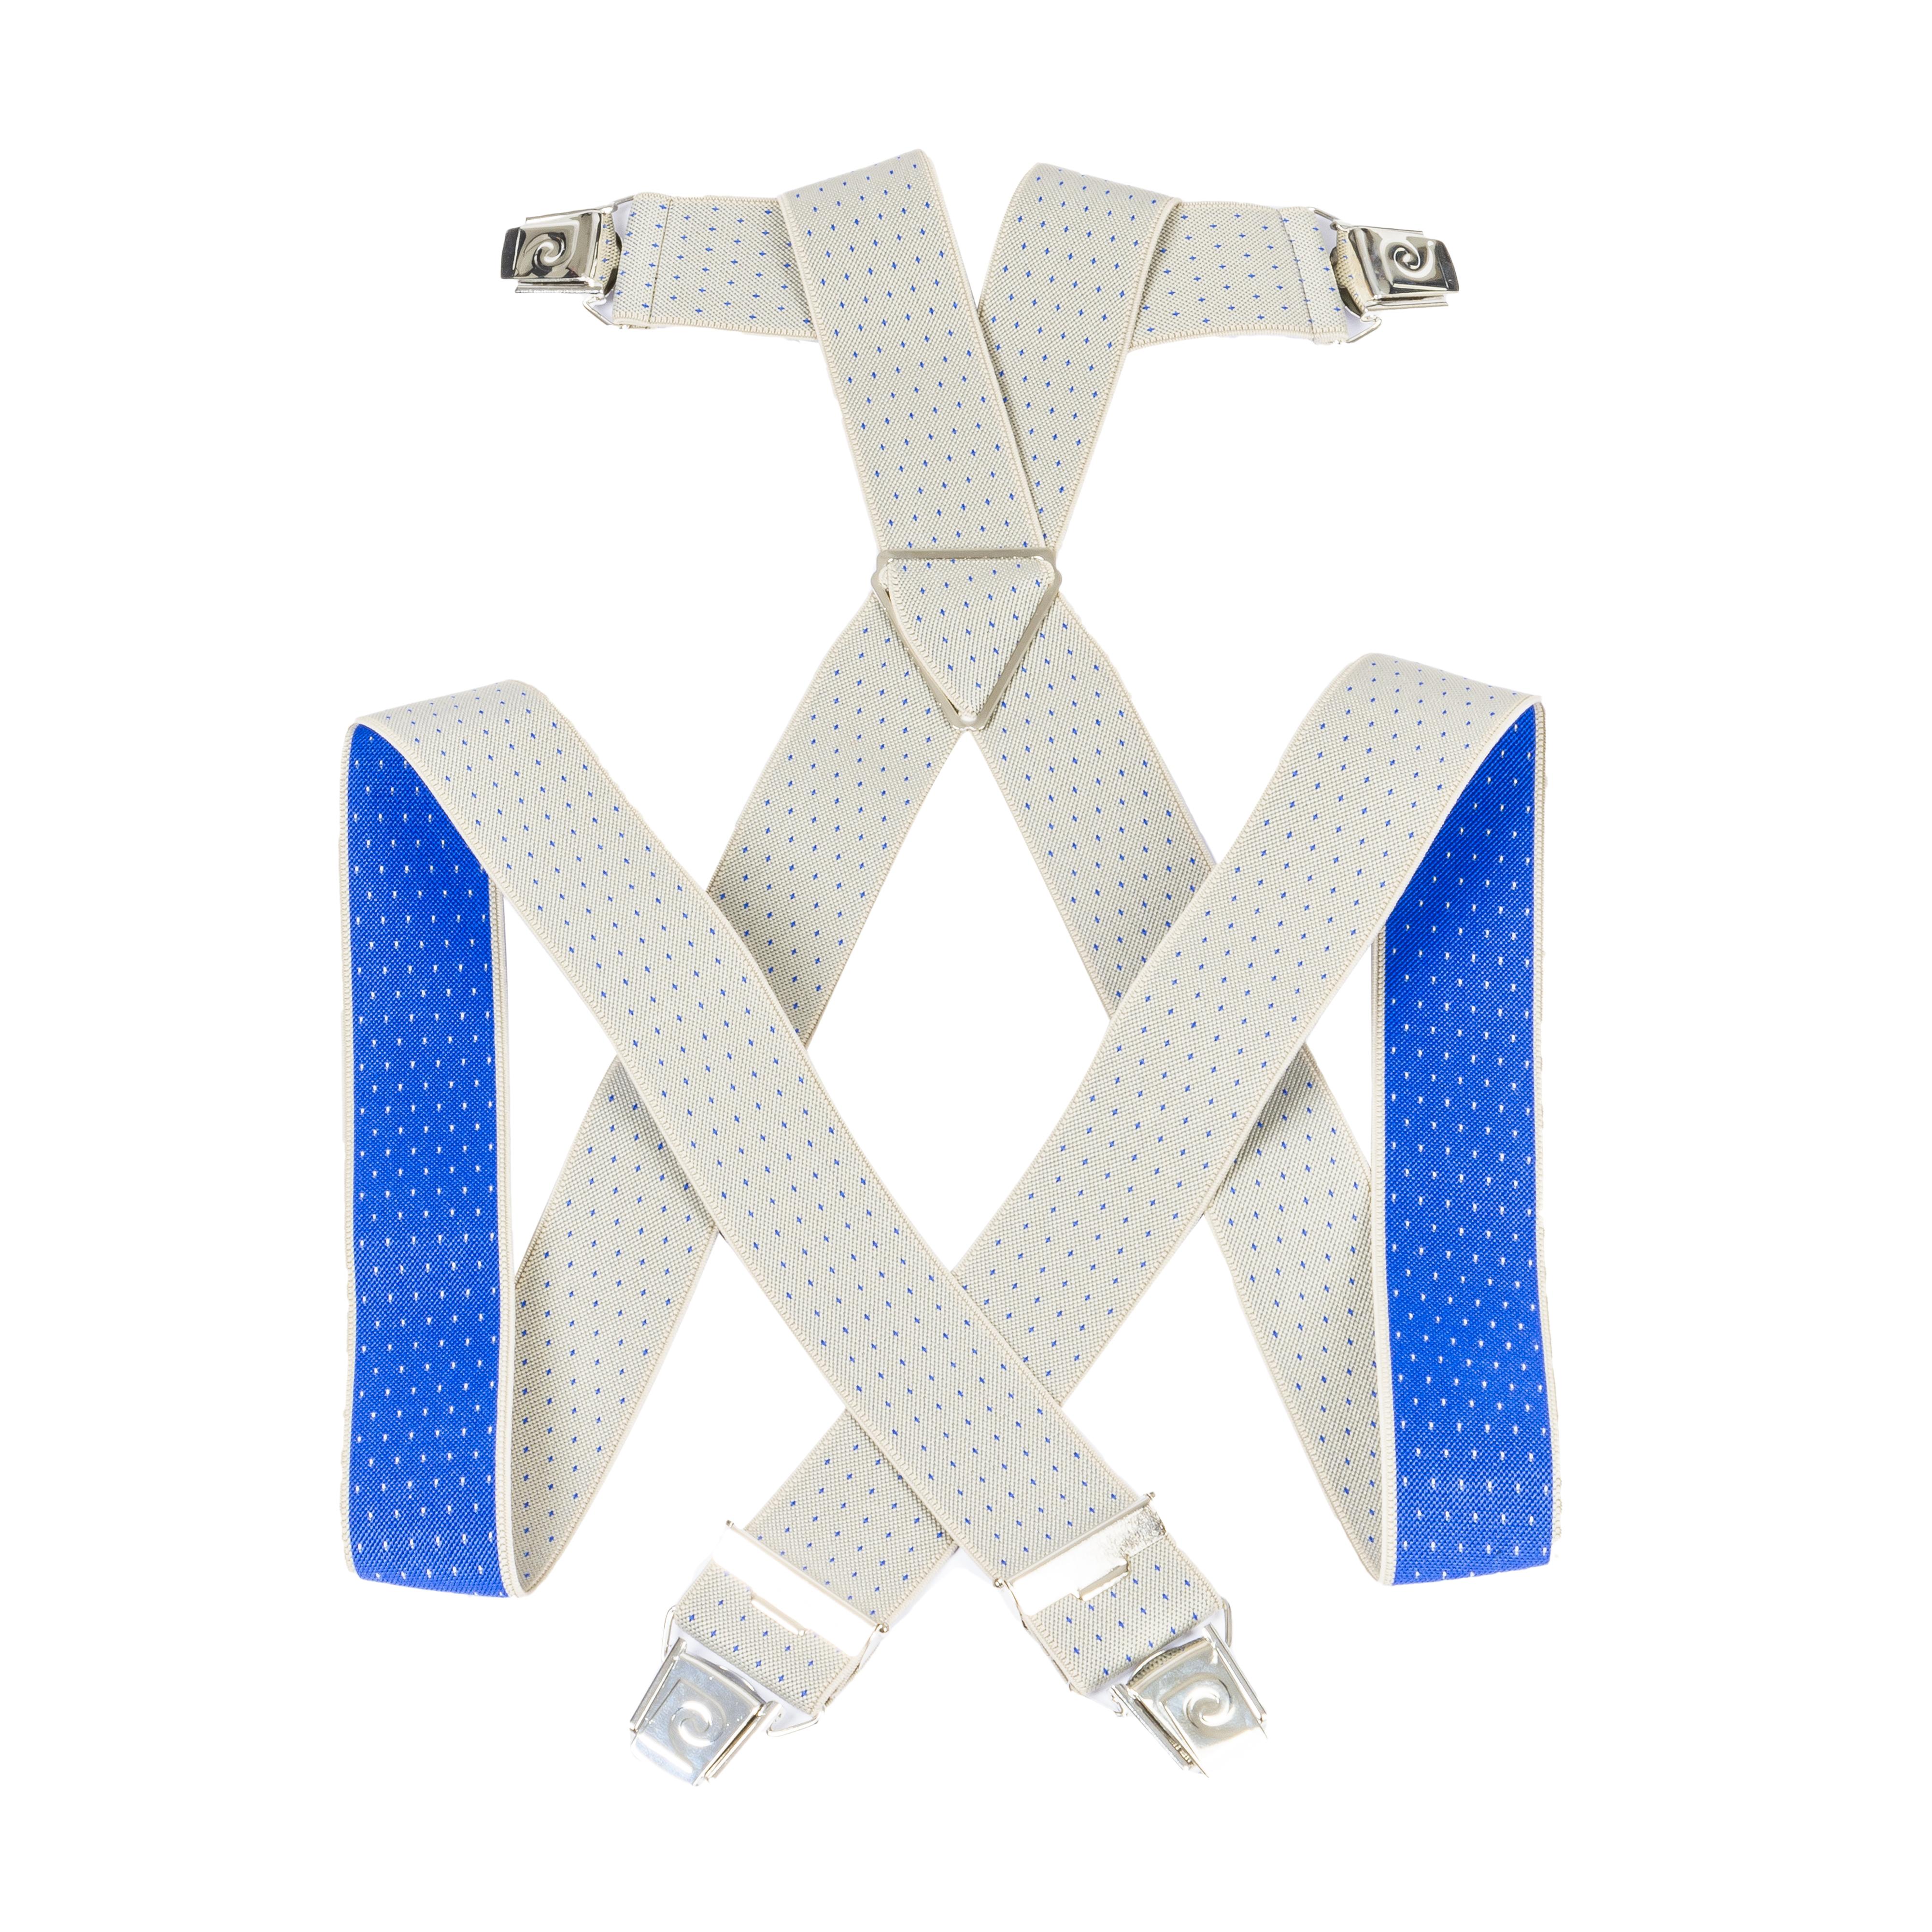 Bretelles pierre cardin gris clair à motifs bleu éléctrique